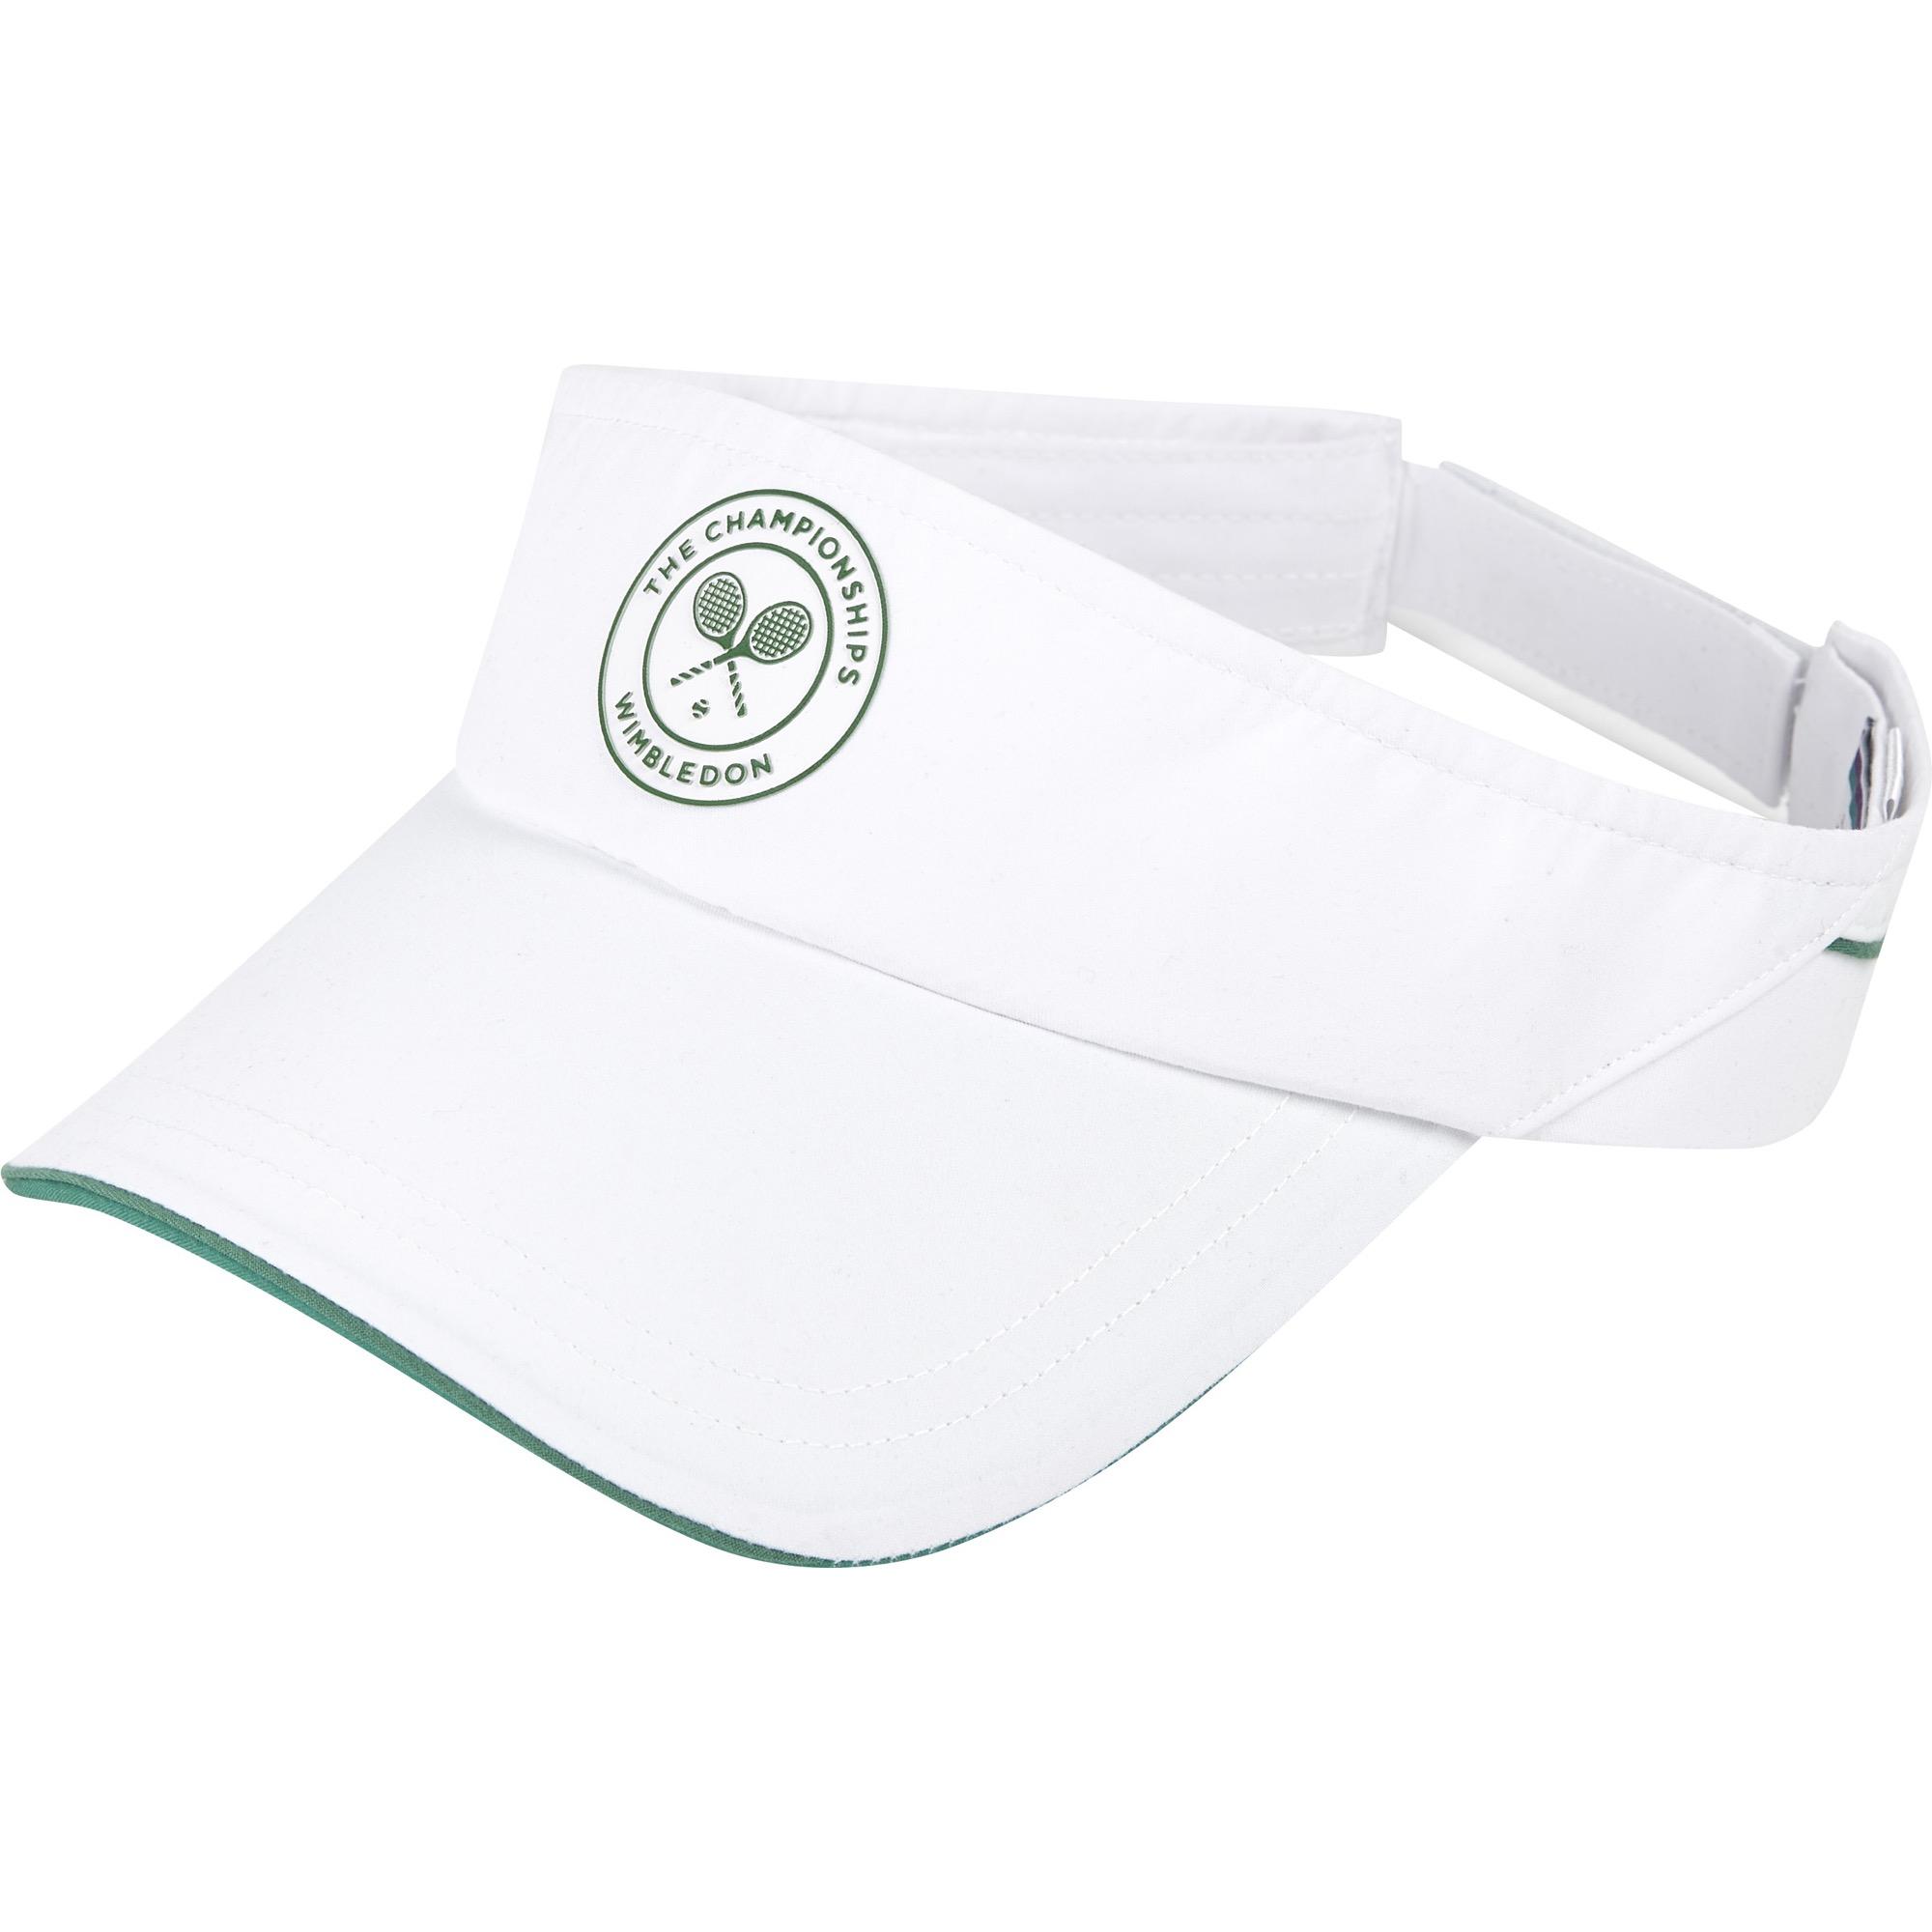 Wimbledon Classic Visor - White